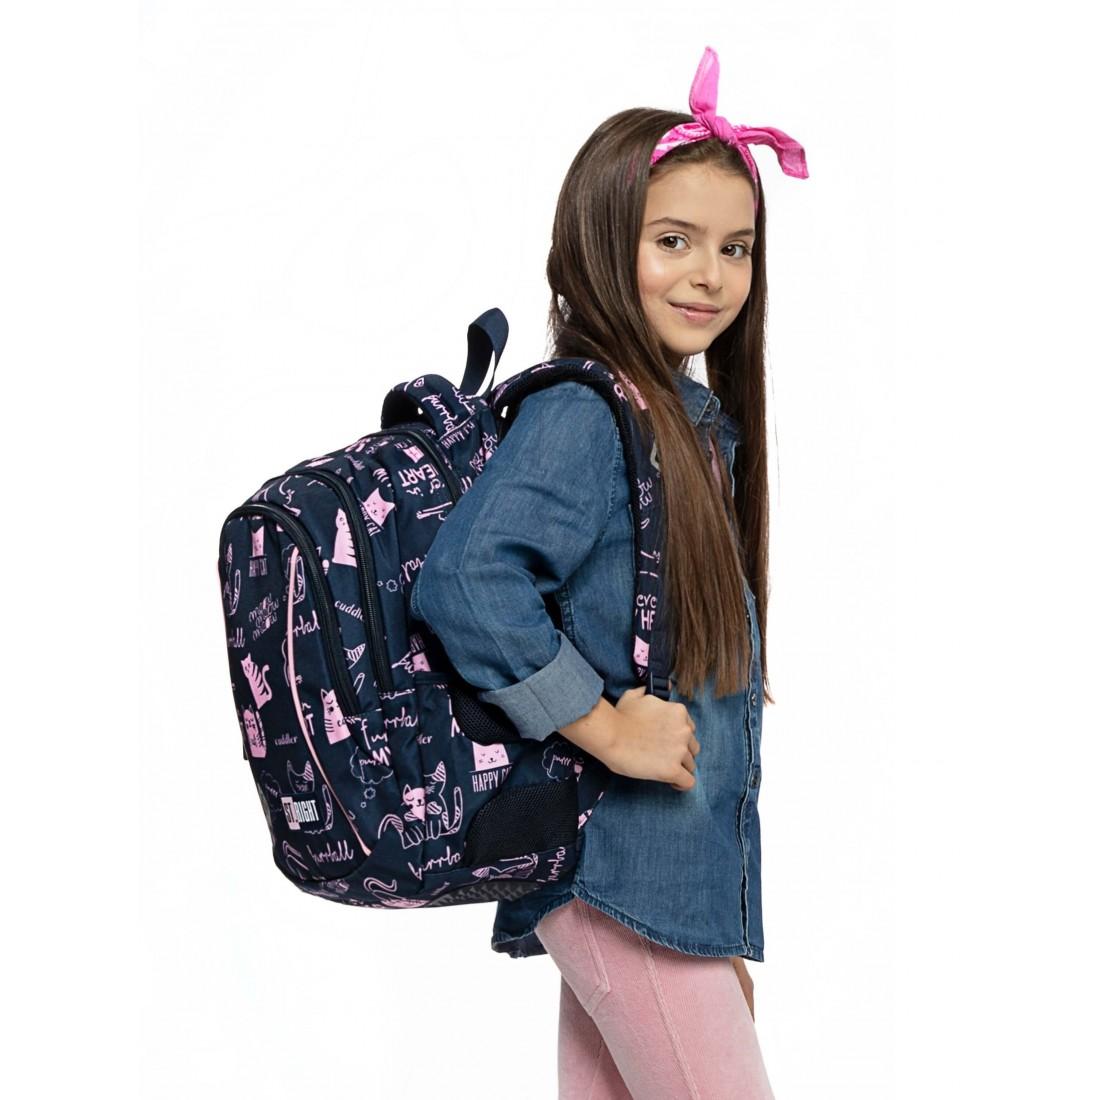 Plecak dla dziewczynki do pierwszej klasy ST.RIGHT Cats BP26 różowe kotki - plecak-tornister.pl